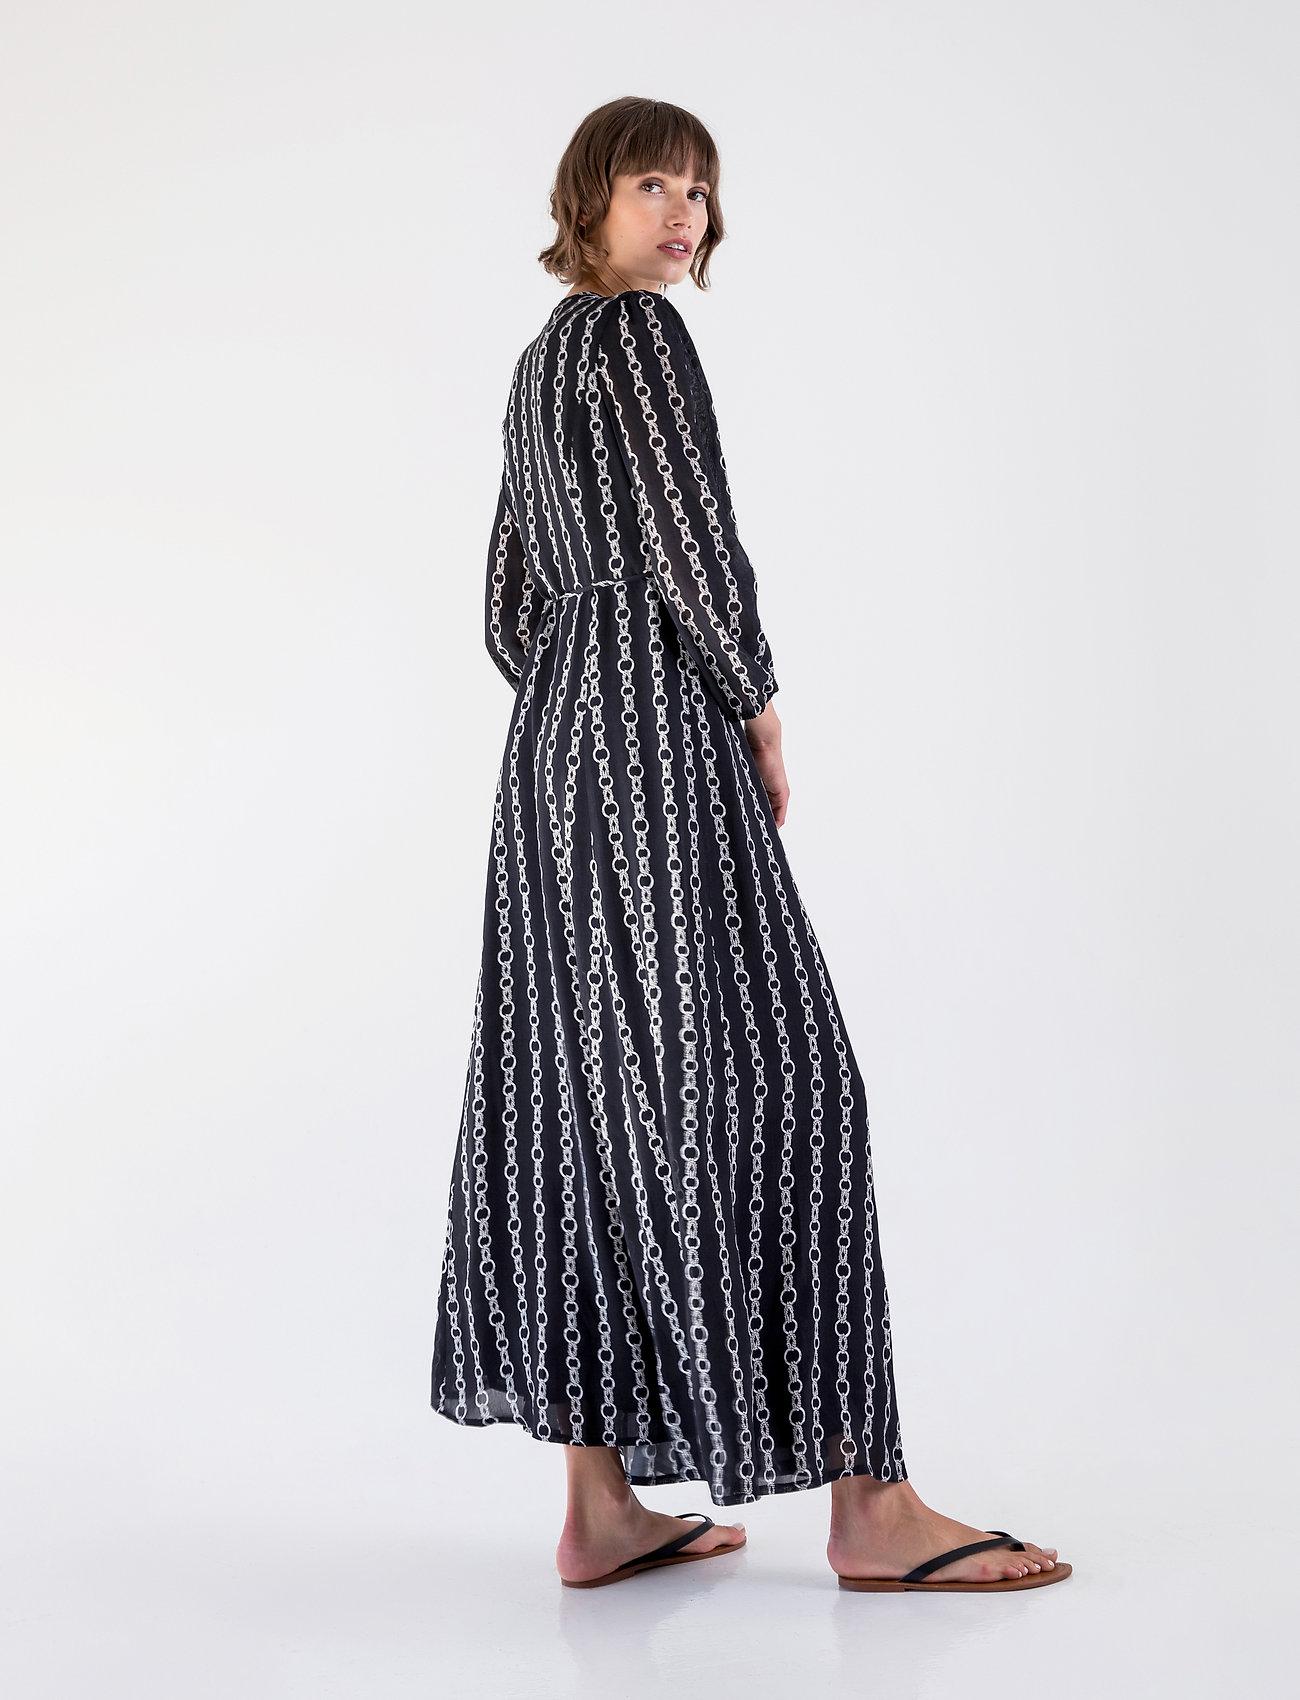 Andiata CALYNDA 2 DRESS - Sukienki BLACK PRINT - Kobiety Odzież.